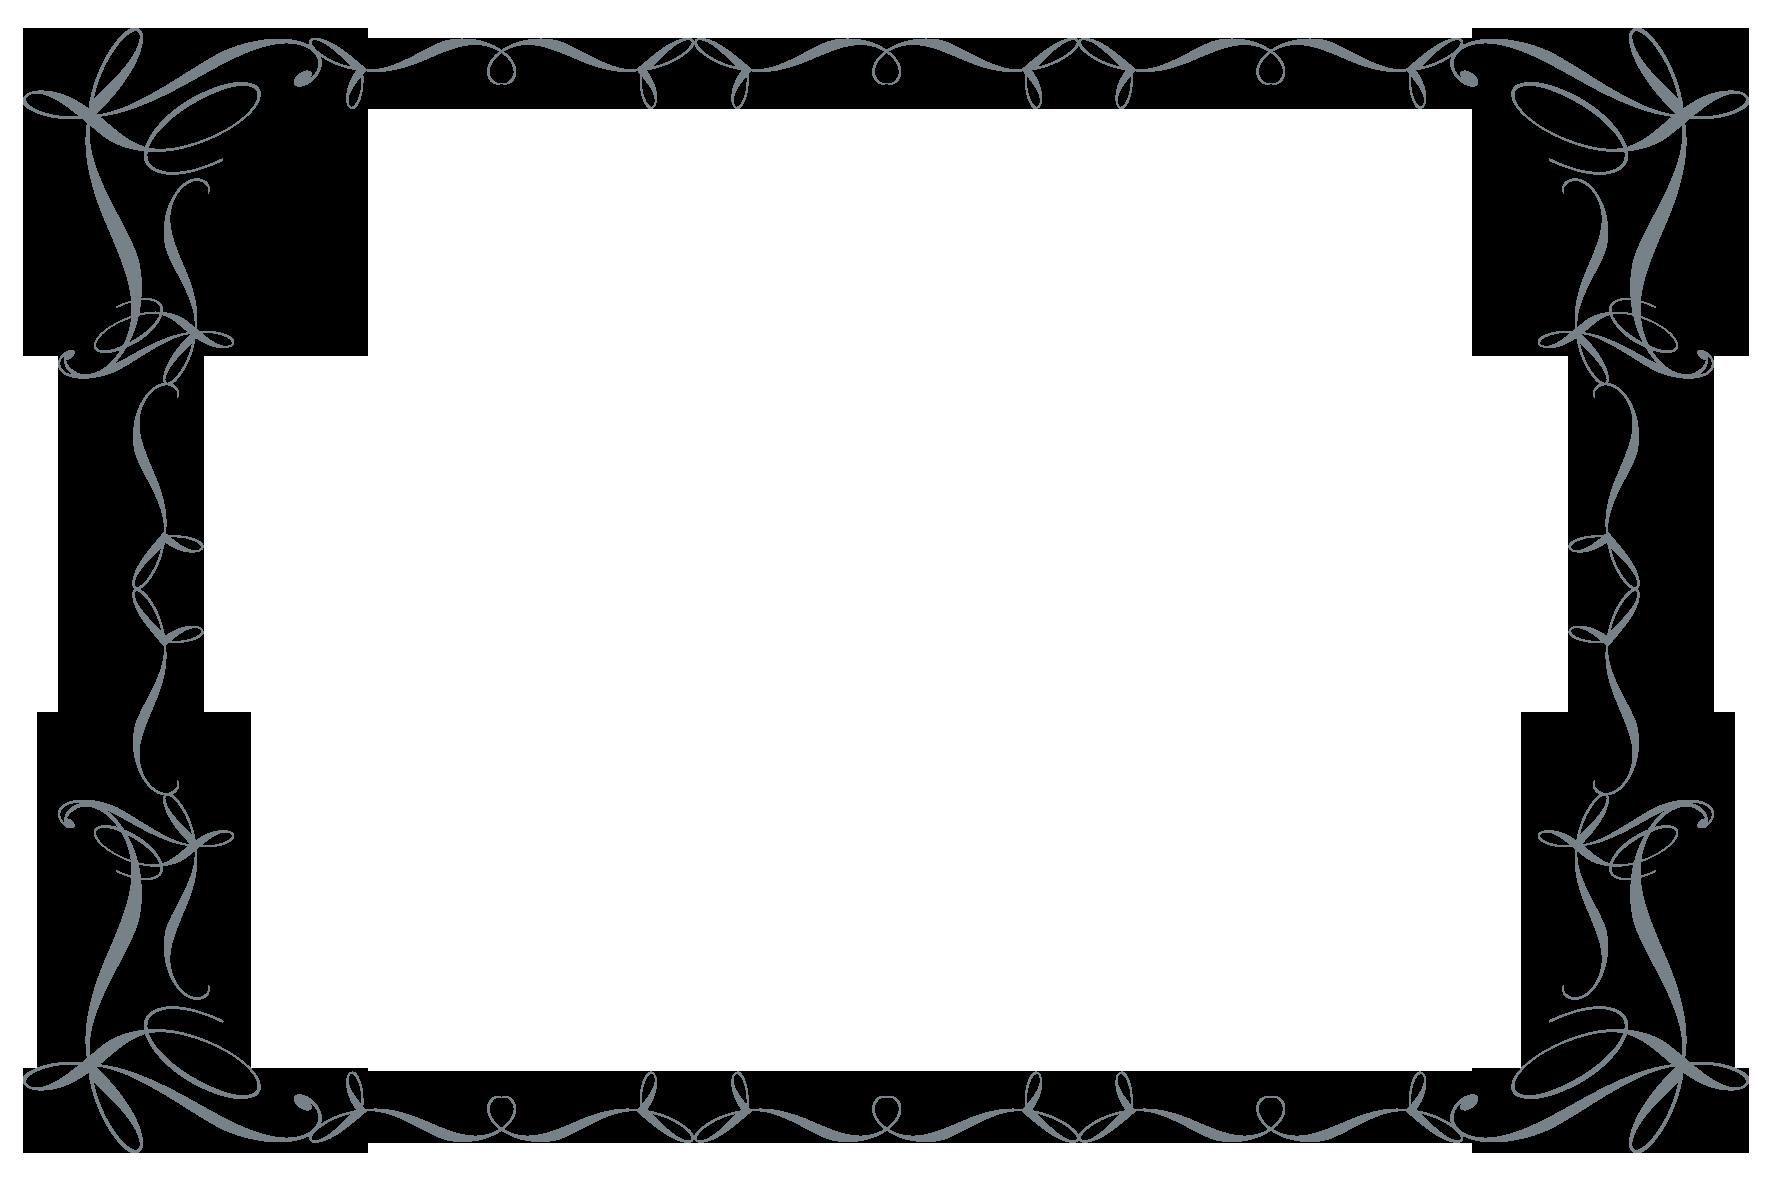 Векторные рамка для открытки, для заставки